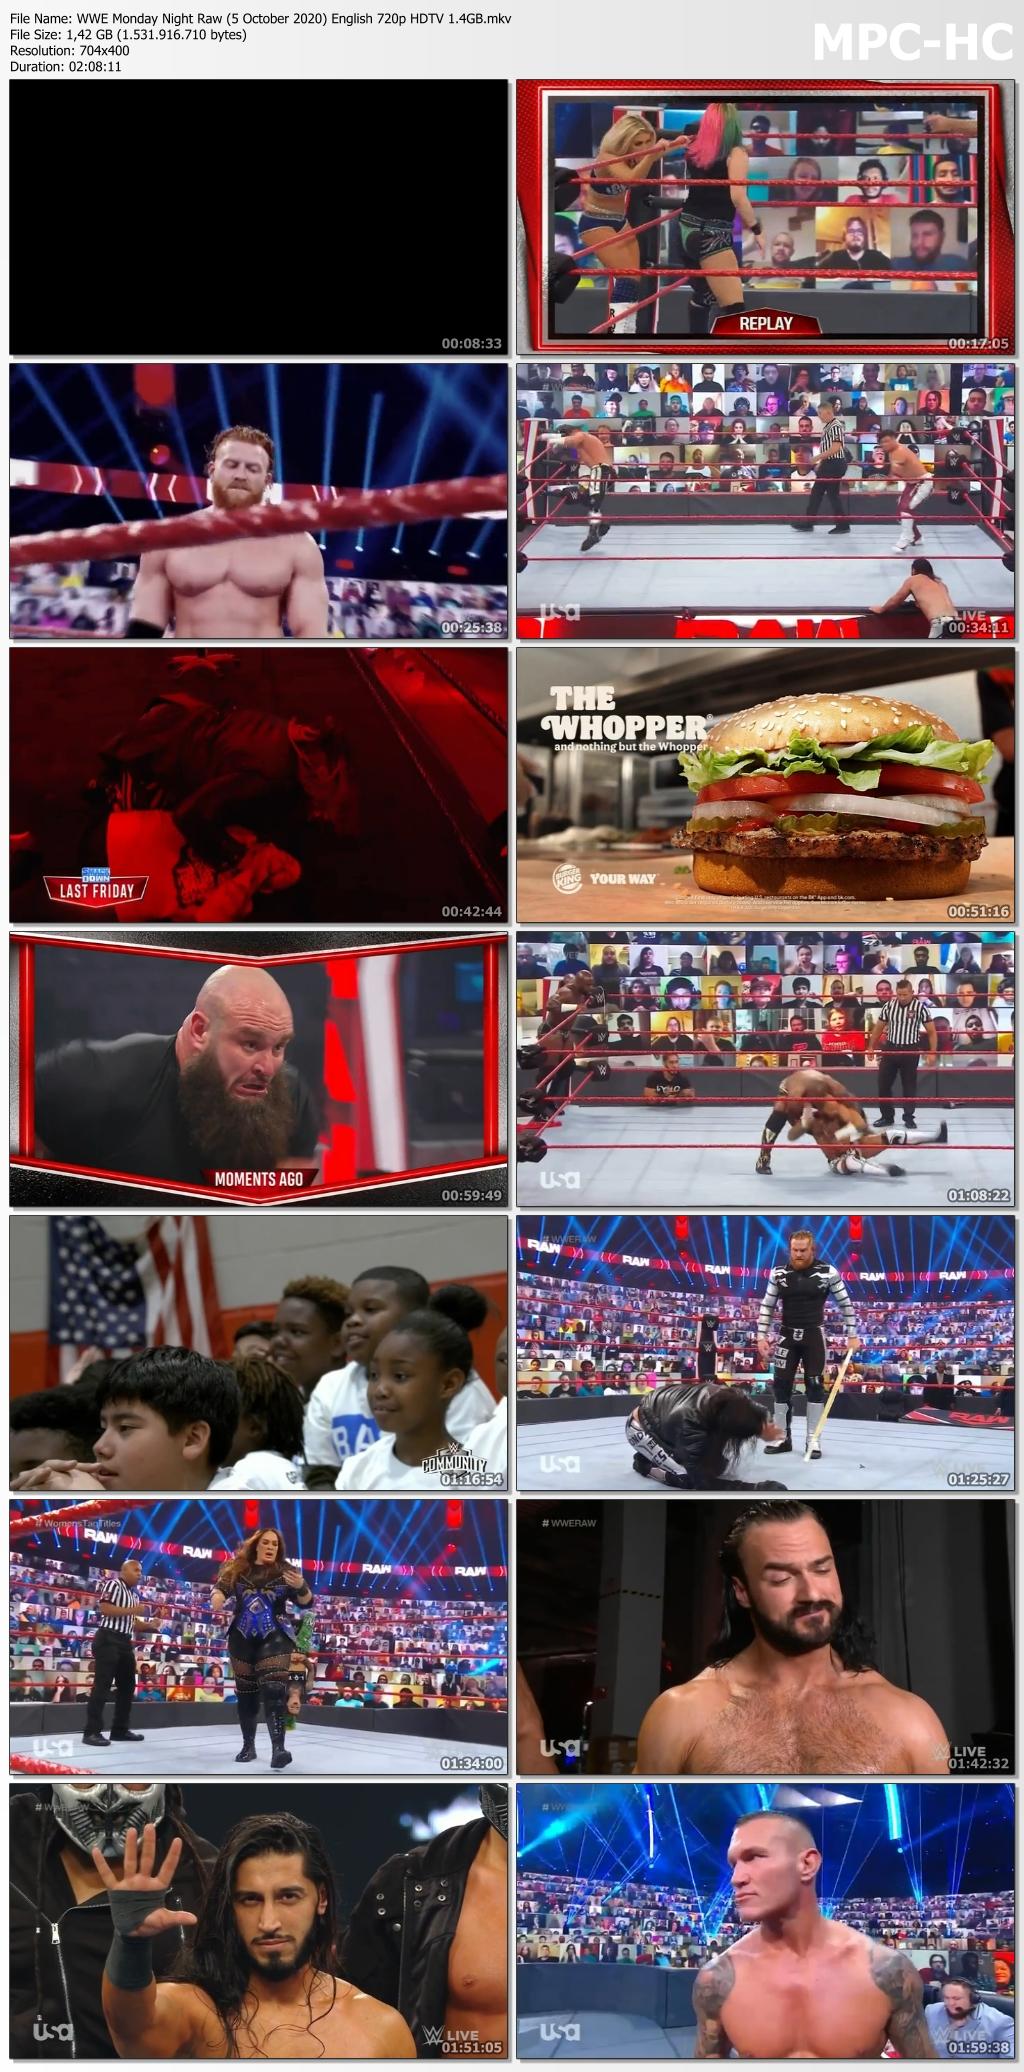 WWE-Monday-Night-Raw-5-October-2020-English-720p-HDTV-1-4-GB-mkv-thumbs